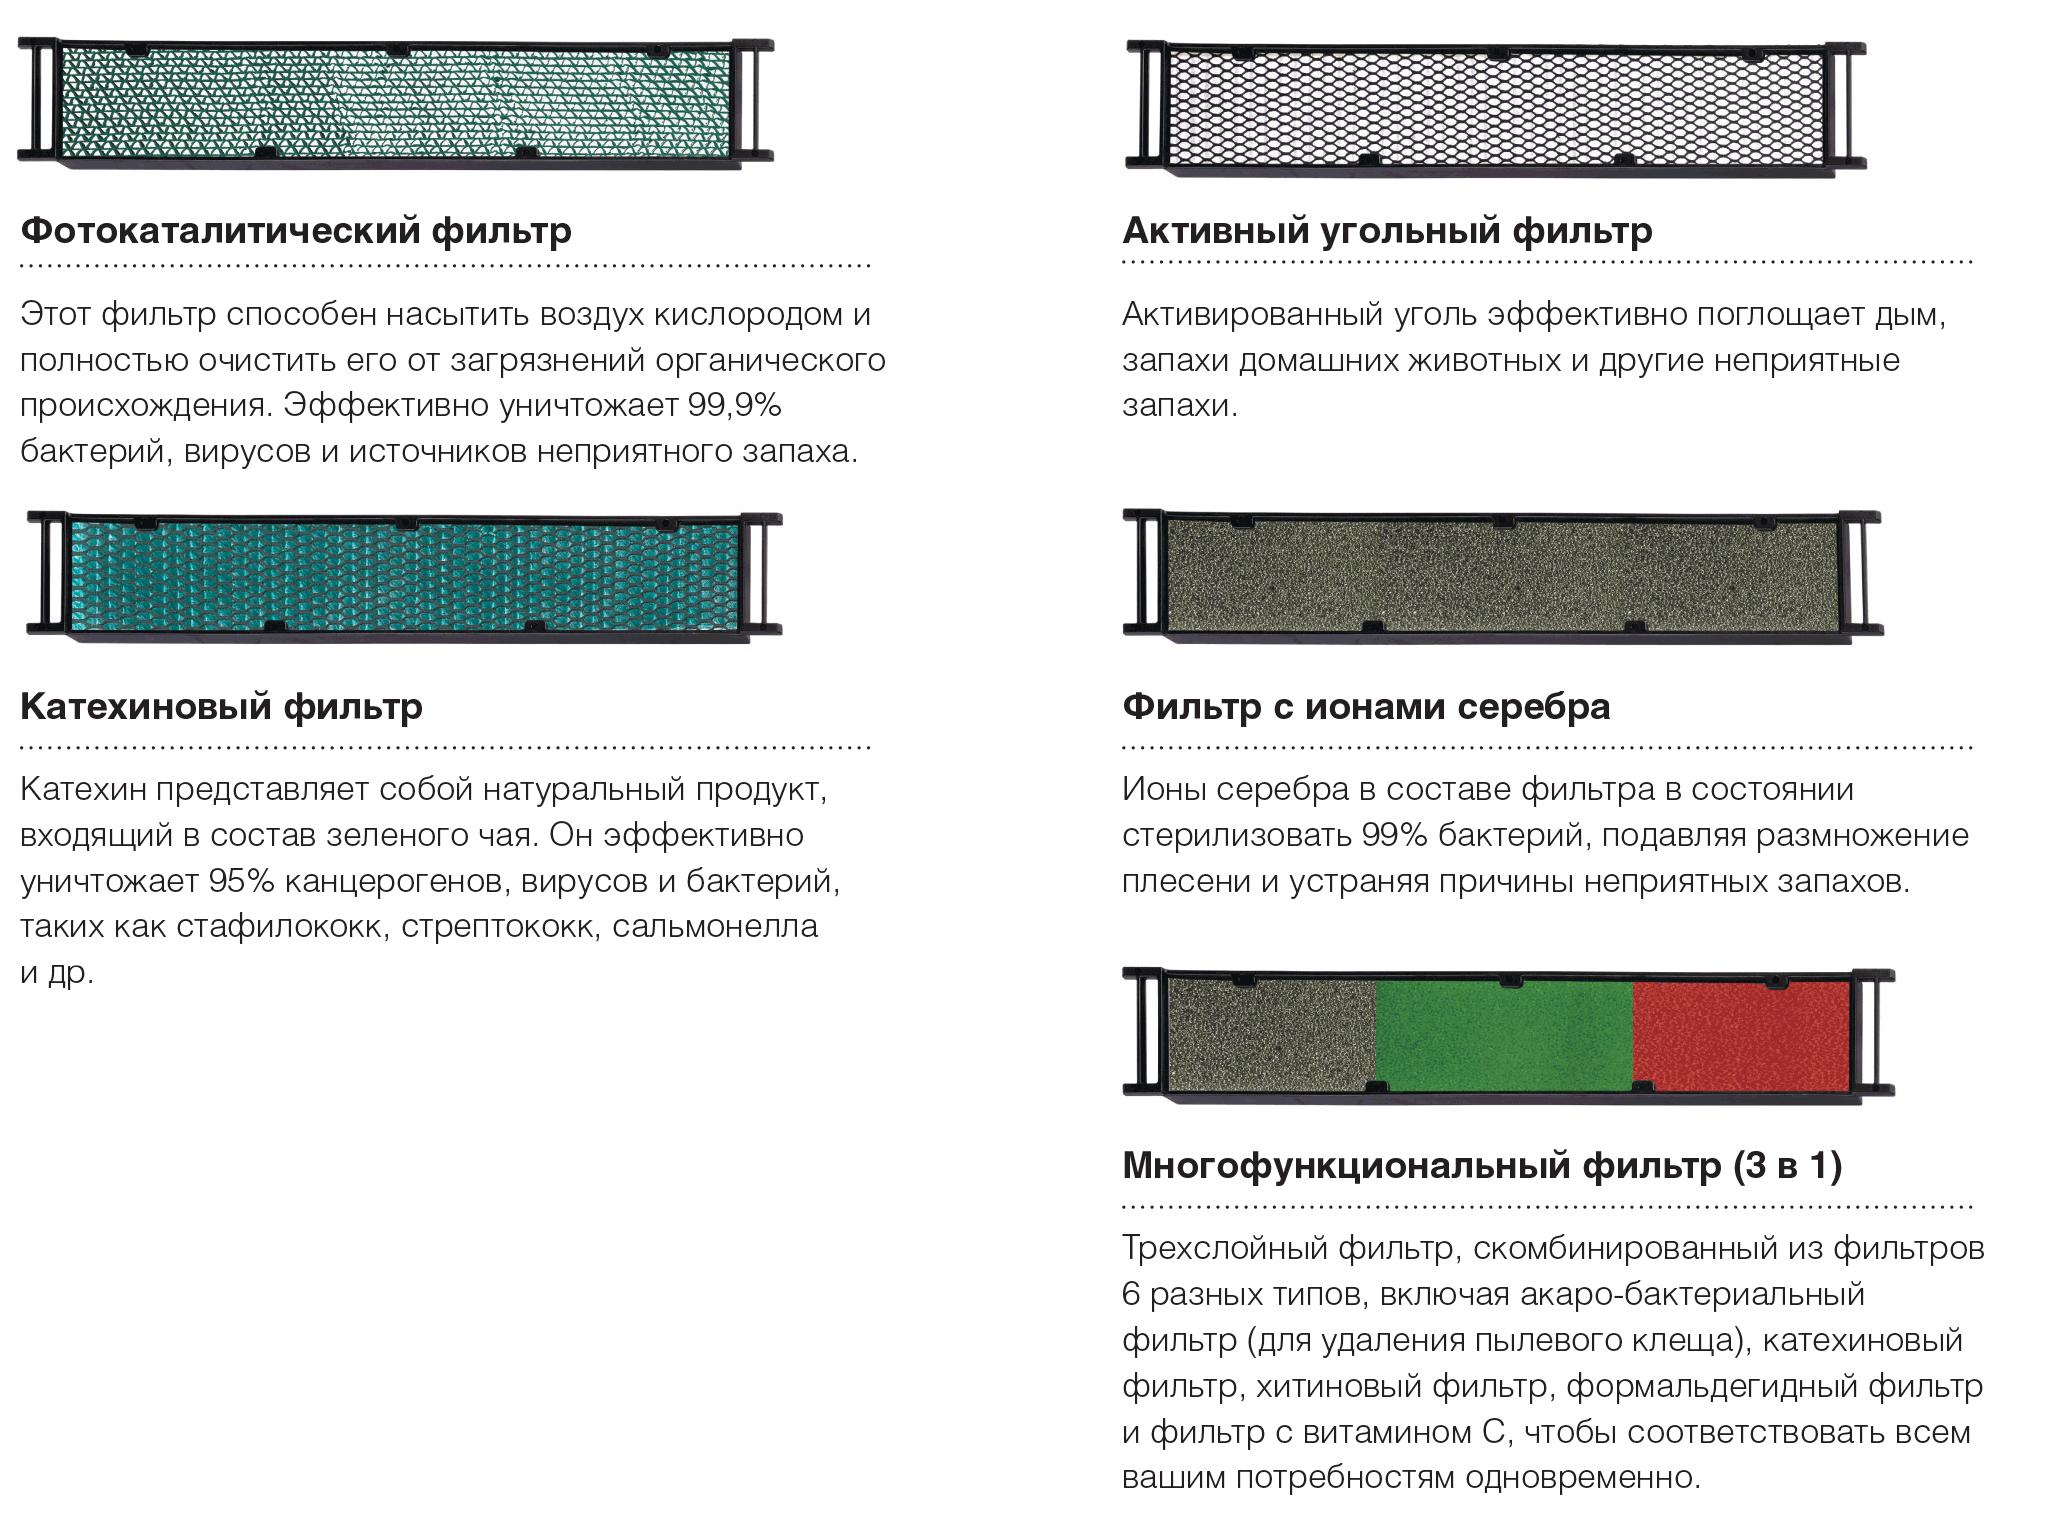 фильтр грии в алматы